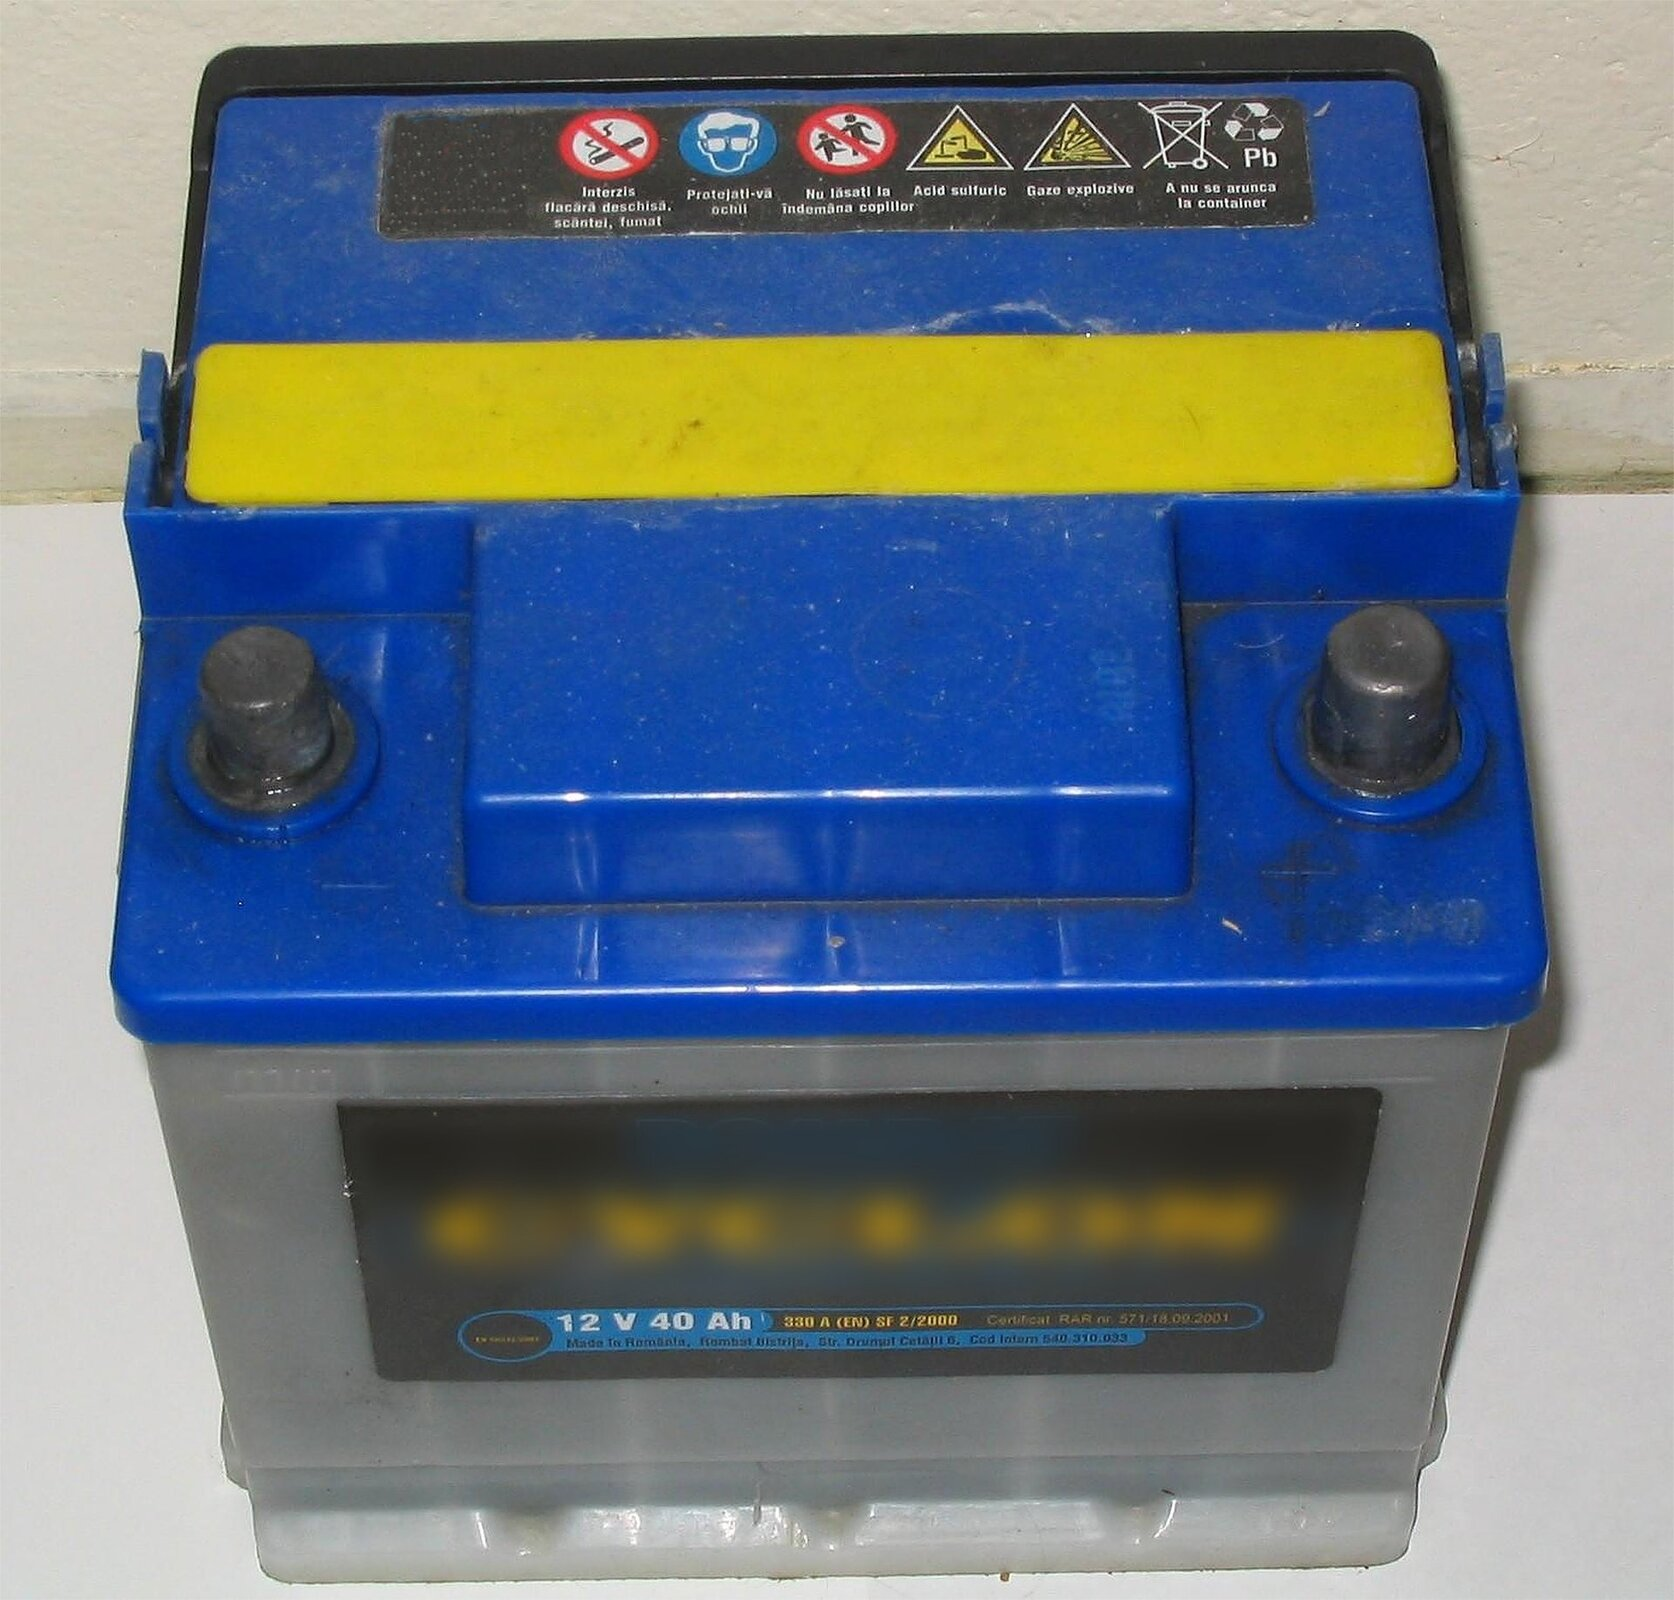 Zdjęcie przedstawia samochodowy akumulator ołowiowy pokazany zprzodu izgóry. Obudowa szara, pokrywa niebieska zżółtą rączką. Dwie grube metalowe elektrody po prawej ilewej stronie. Na etykiecie zprzodu nazwa marki iparametry: napięcie 12 woltów, pojemność 40 amperogodzin.